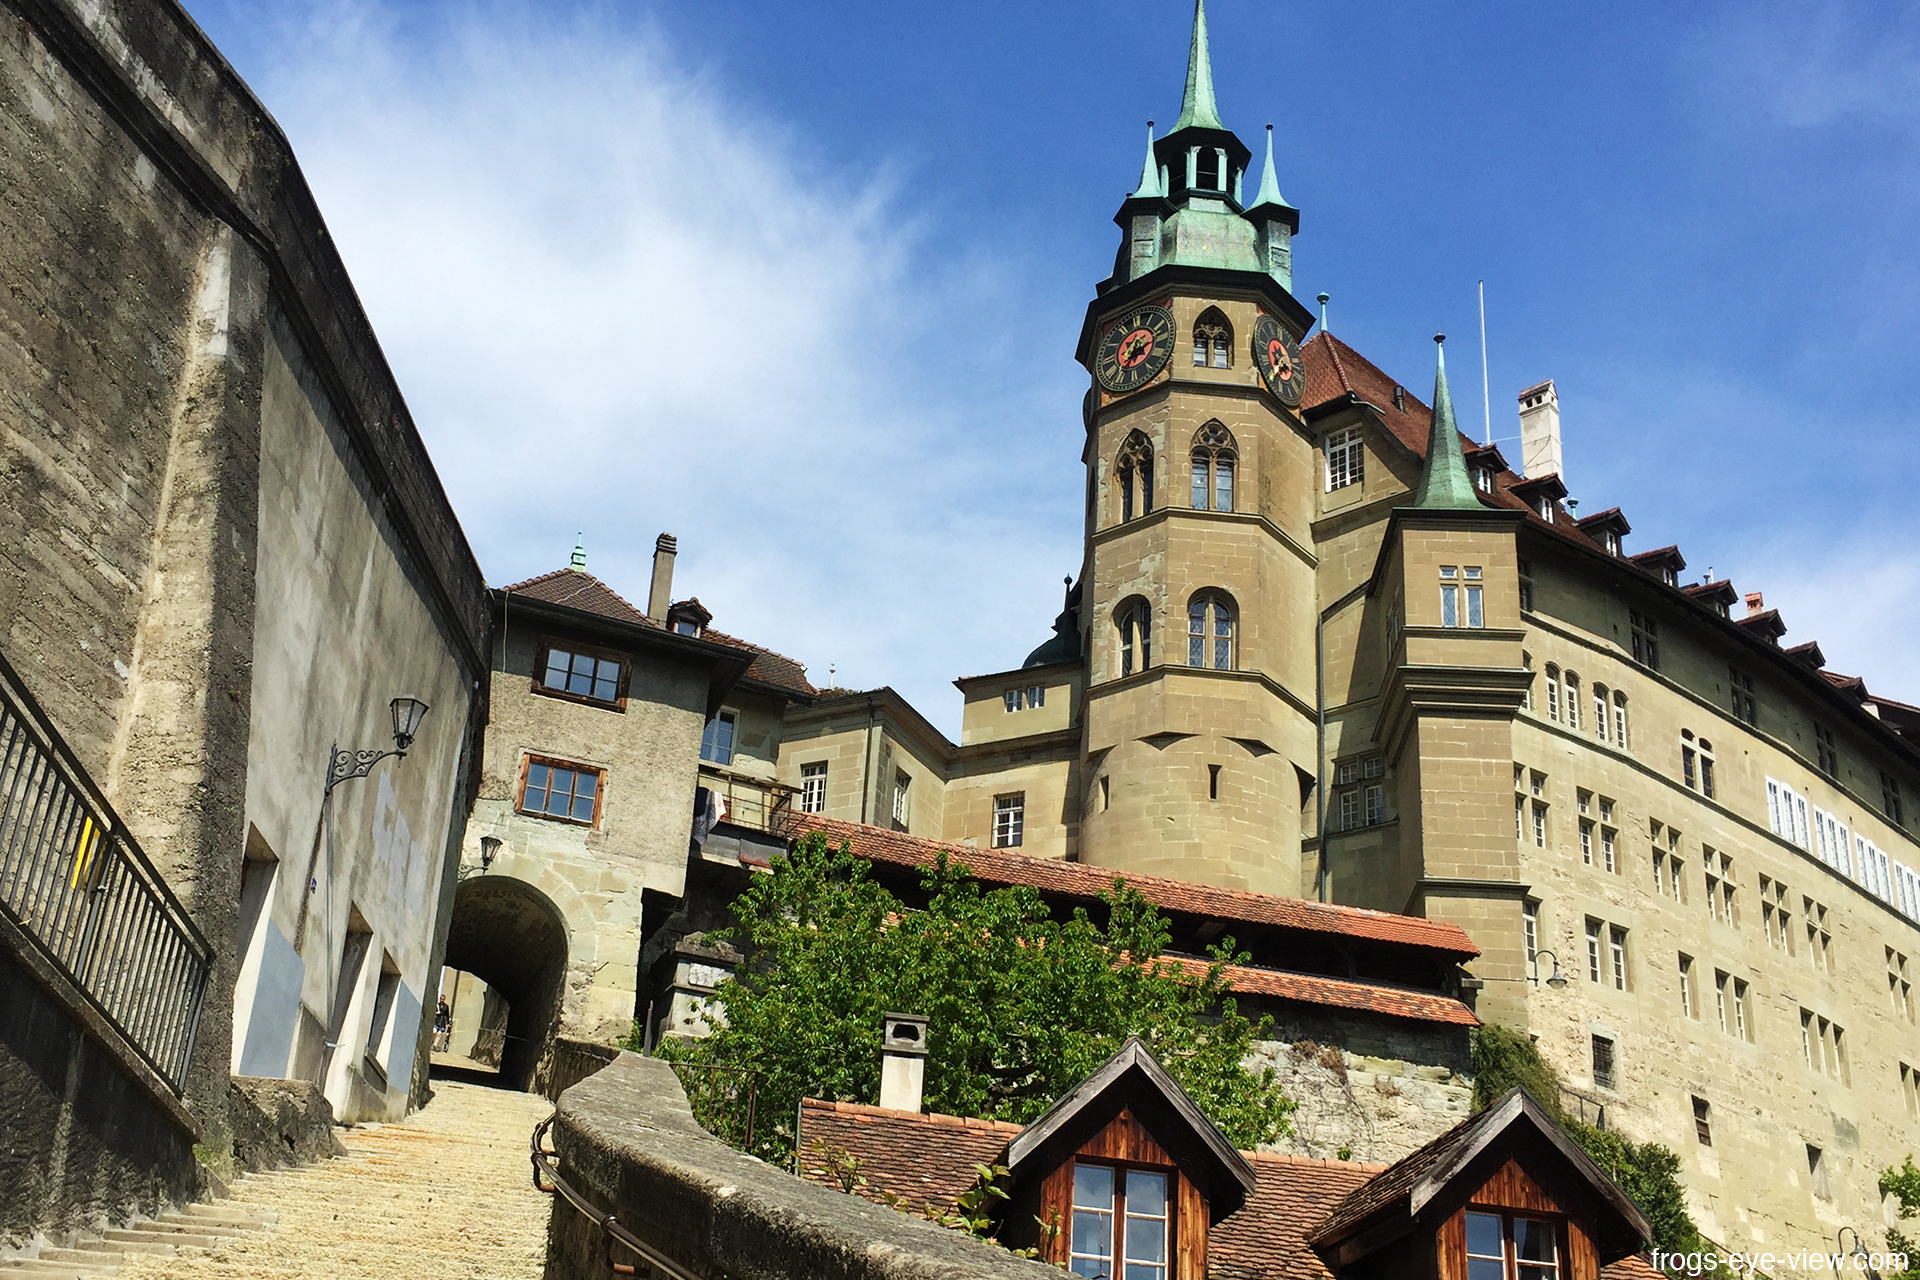 20160508_Fribourg_CreuxDeVan14.36.10-2 Kopie